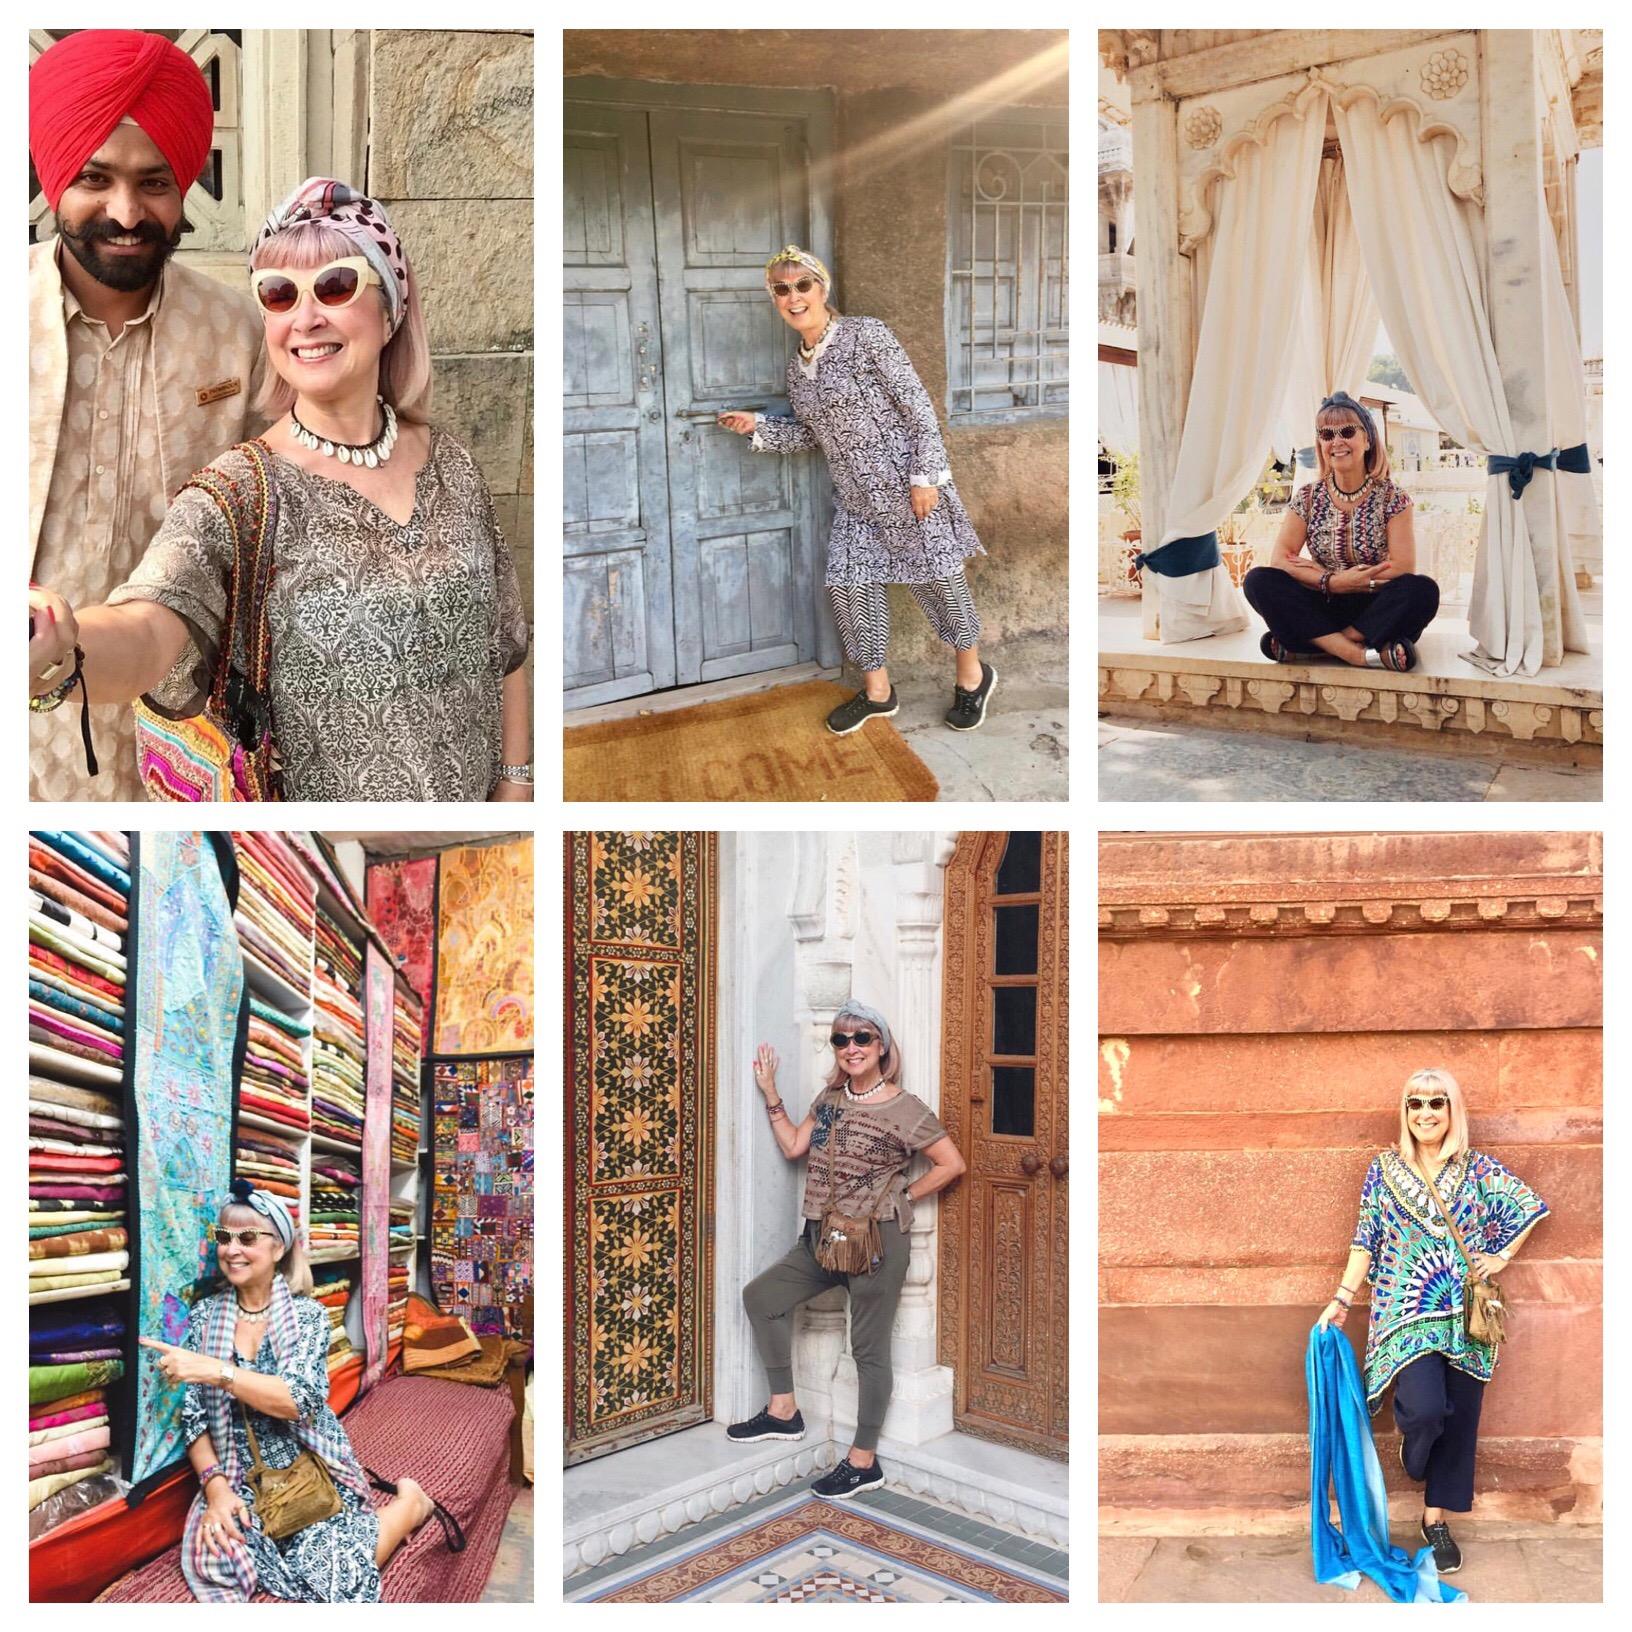 From L-R: Mumbai, Ajanta Caves, Udaipur, Jodhpur. Bikaner, Rathambore.